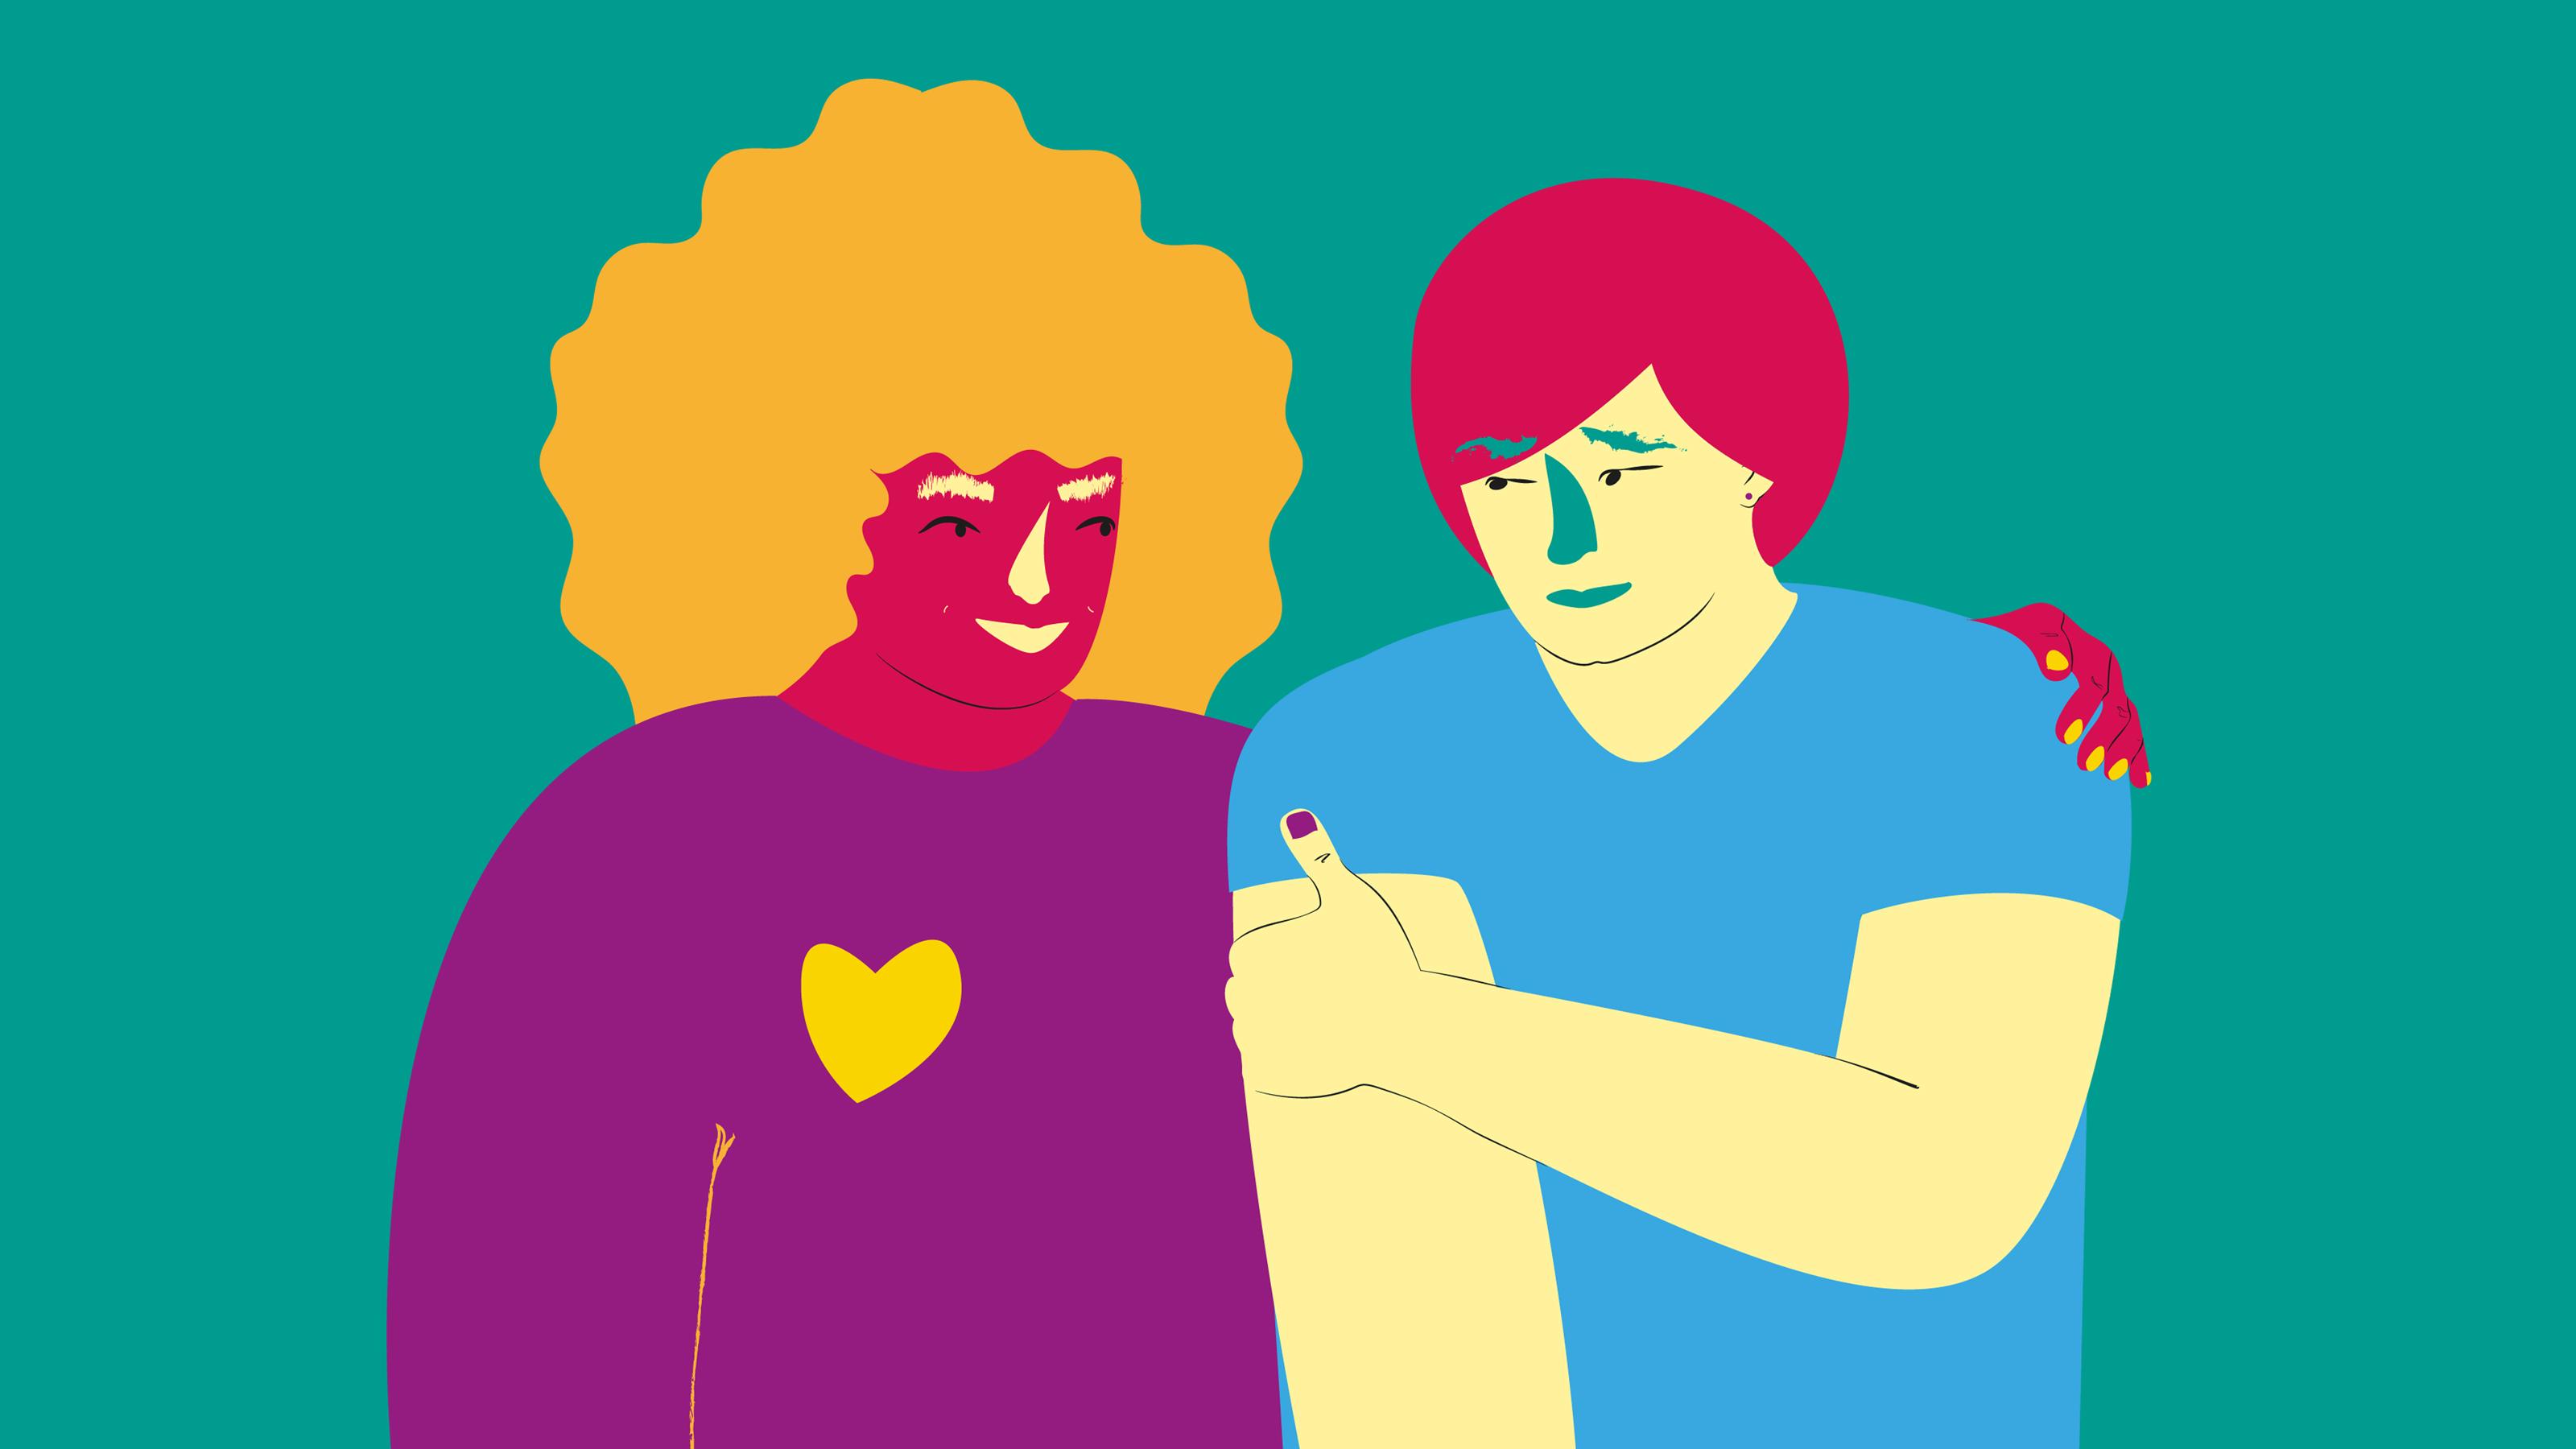 illustration avv två personer där den ena har ett friends-hjärta på tröjan.